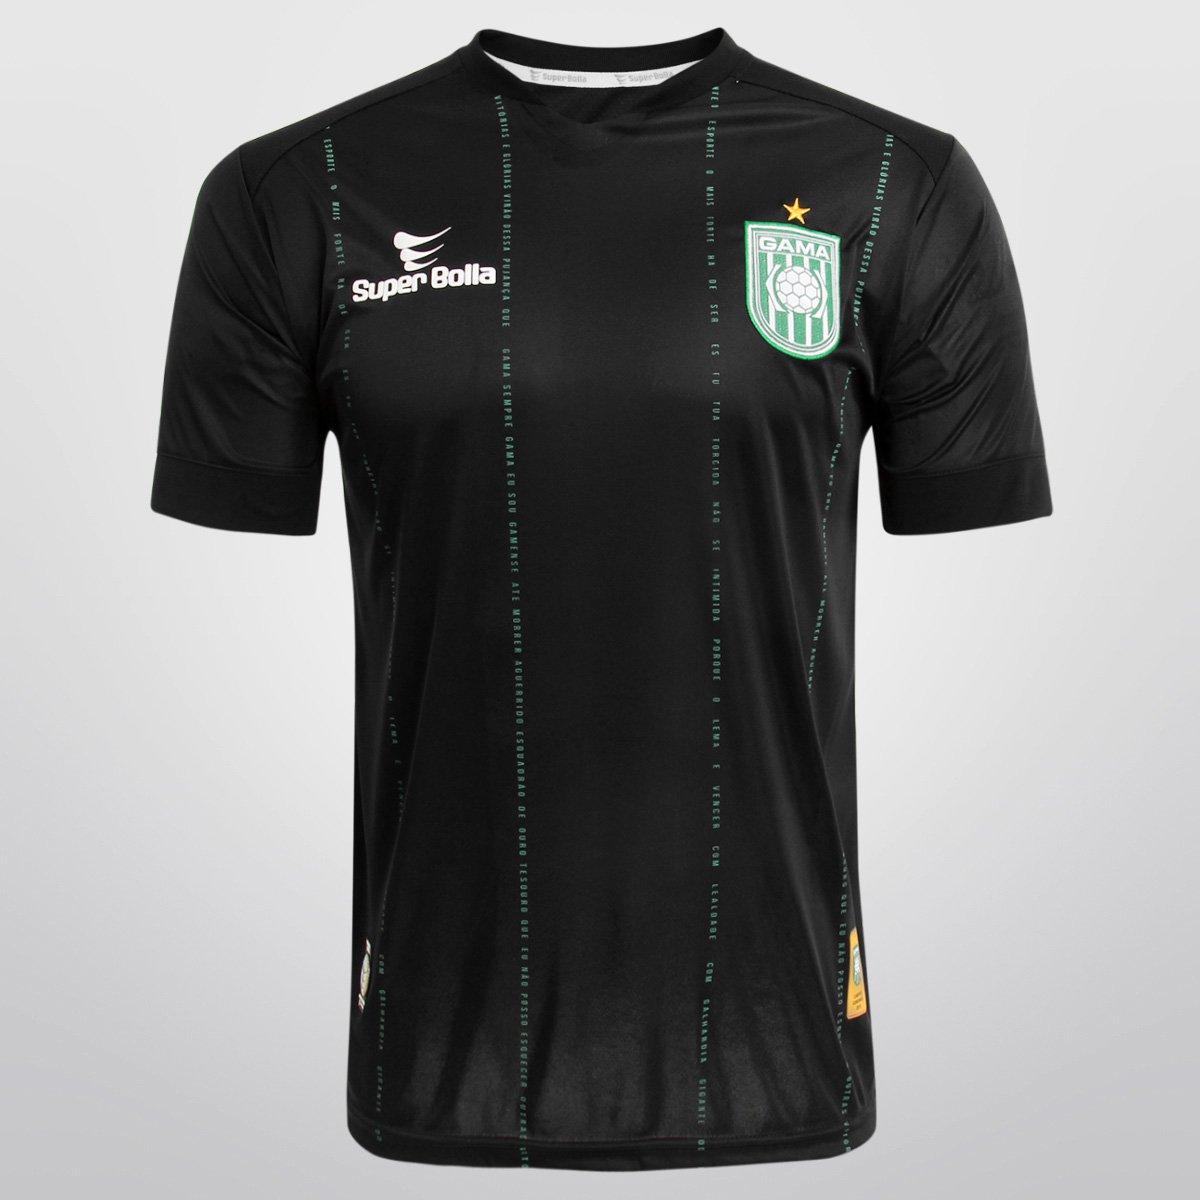 Camisa Super Bolla Gama III 2015 nº 10 - Jogador - Compre Agora ... b9d0713e6a8a8